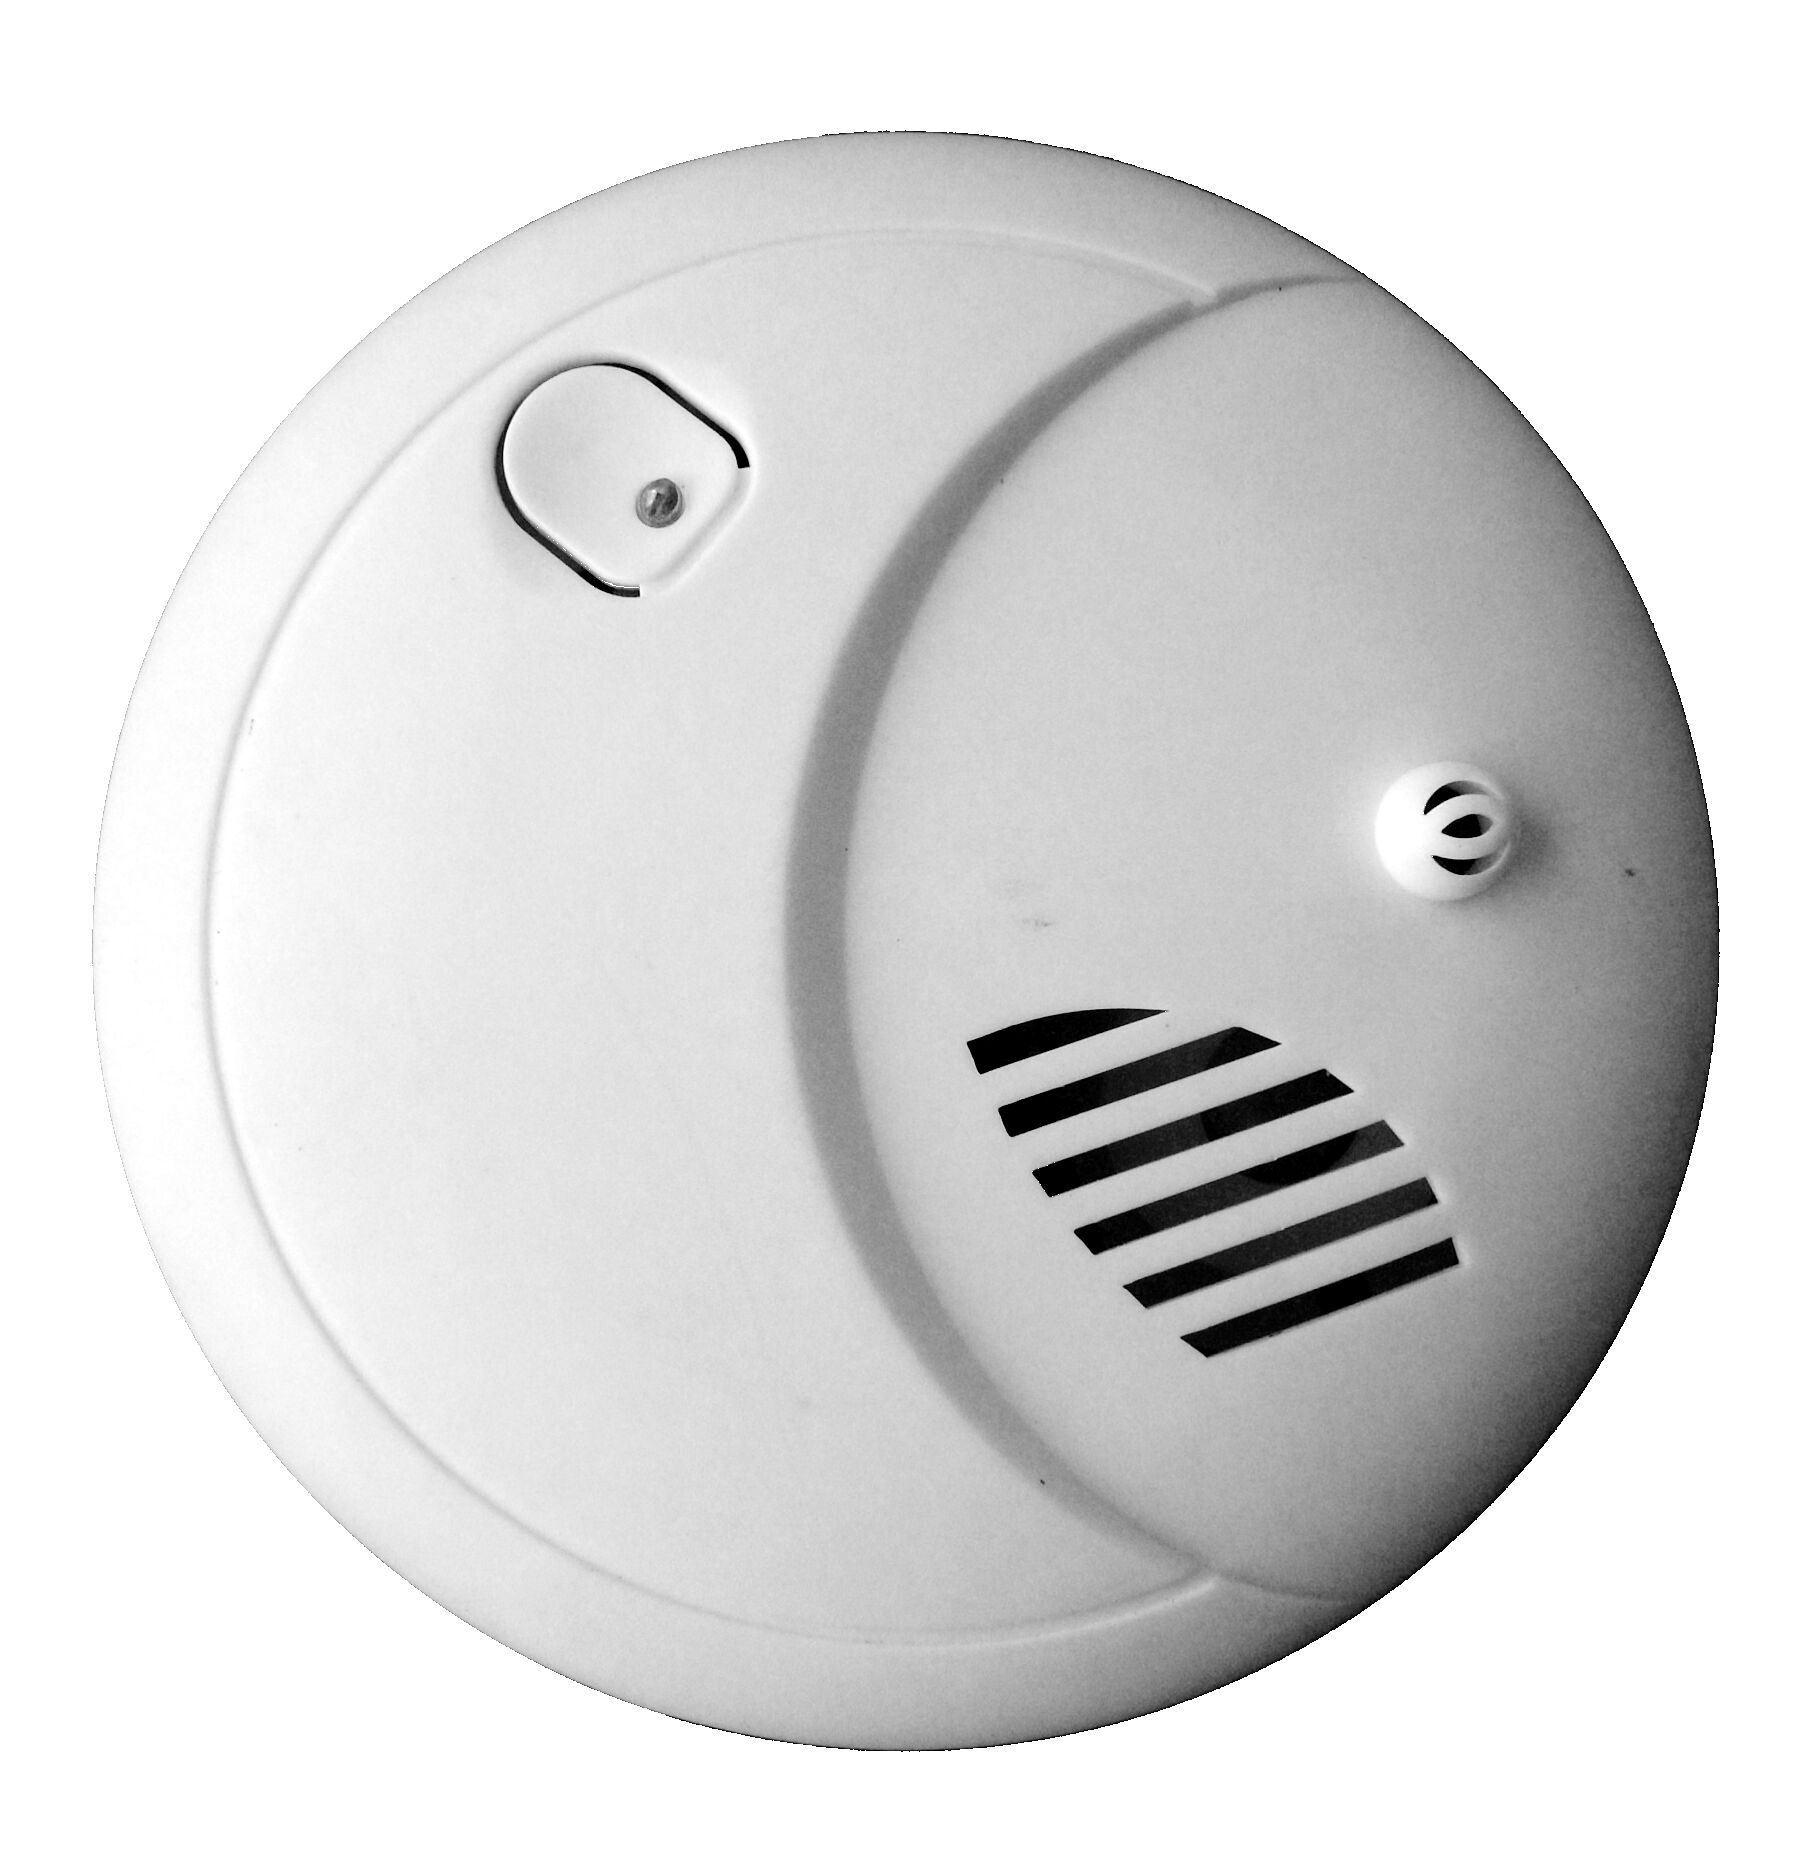 China New Wired Wireless Smoke Heat Sensor (ES-5019HSD) - China ...